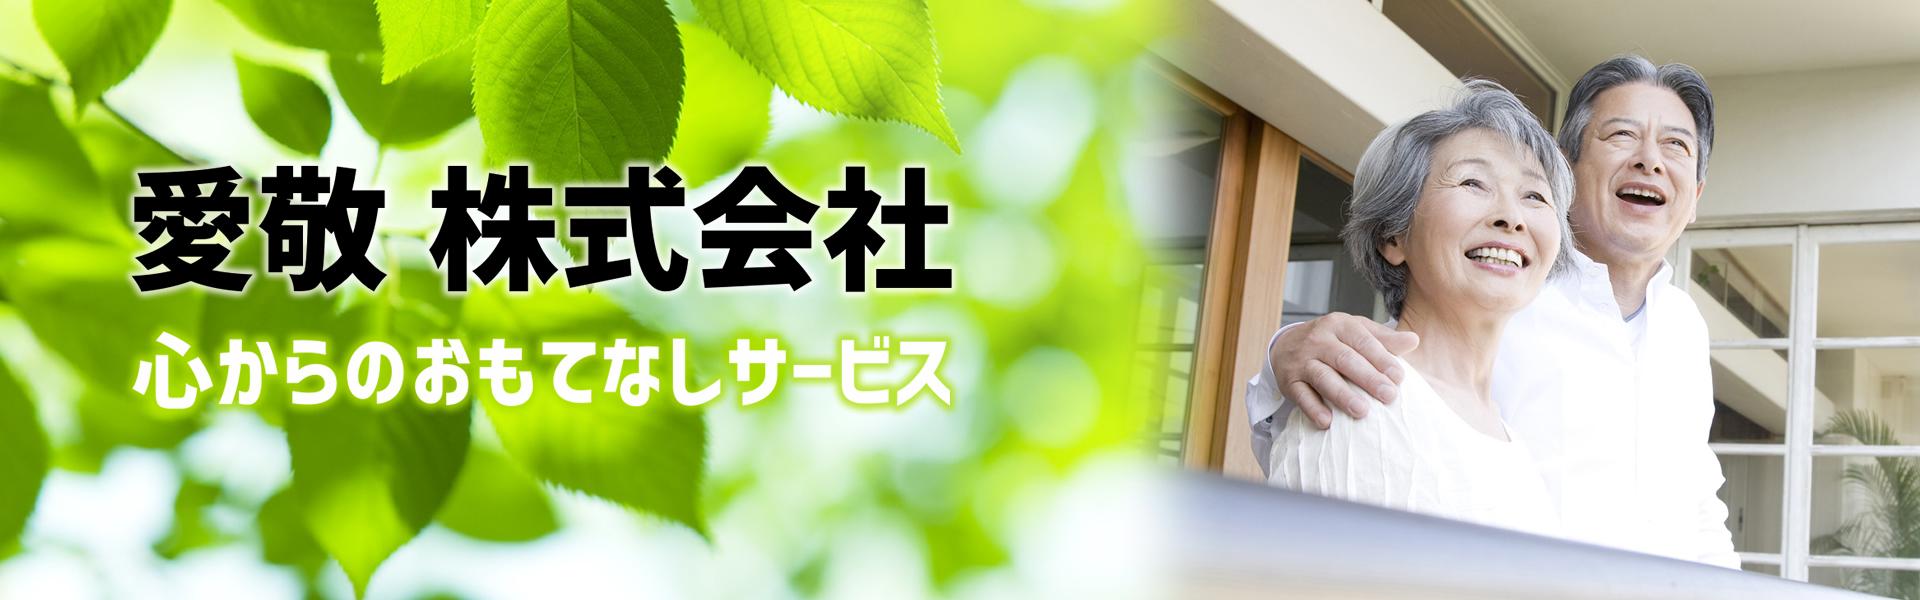 愛敬株式会社